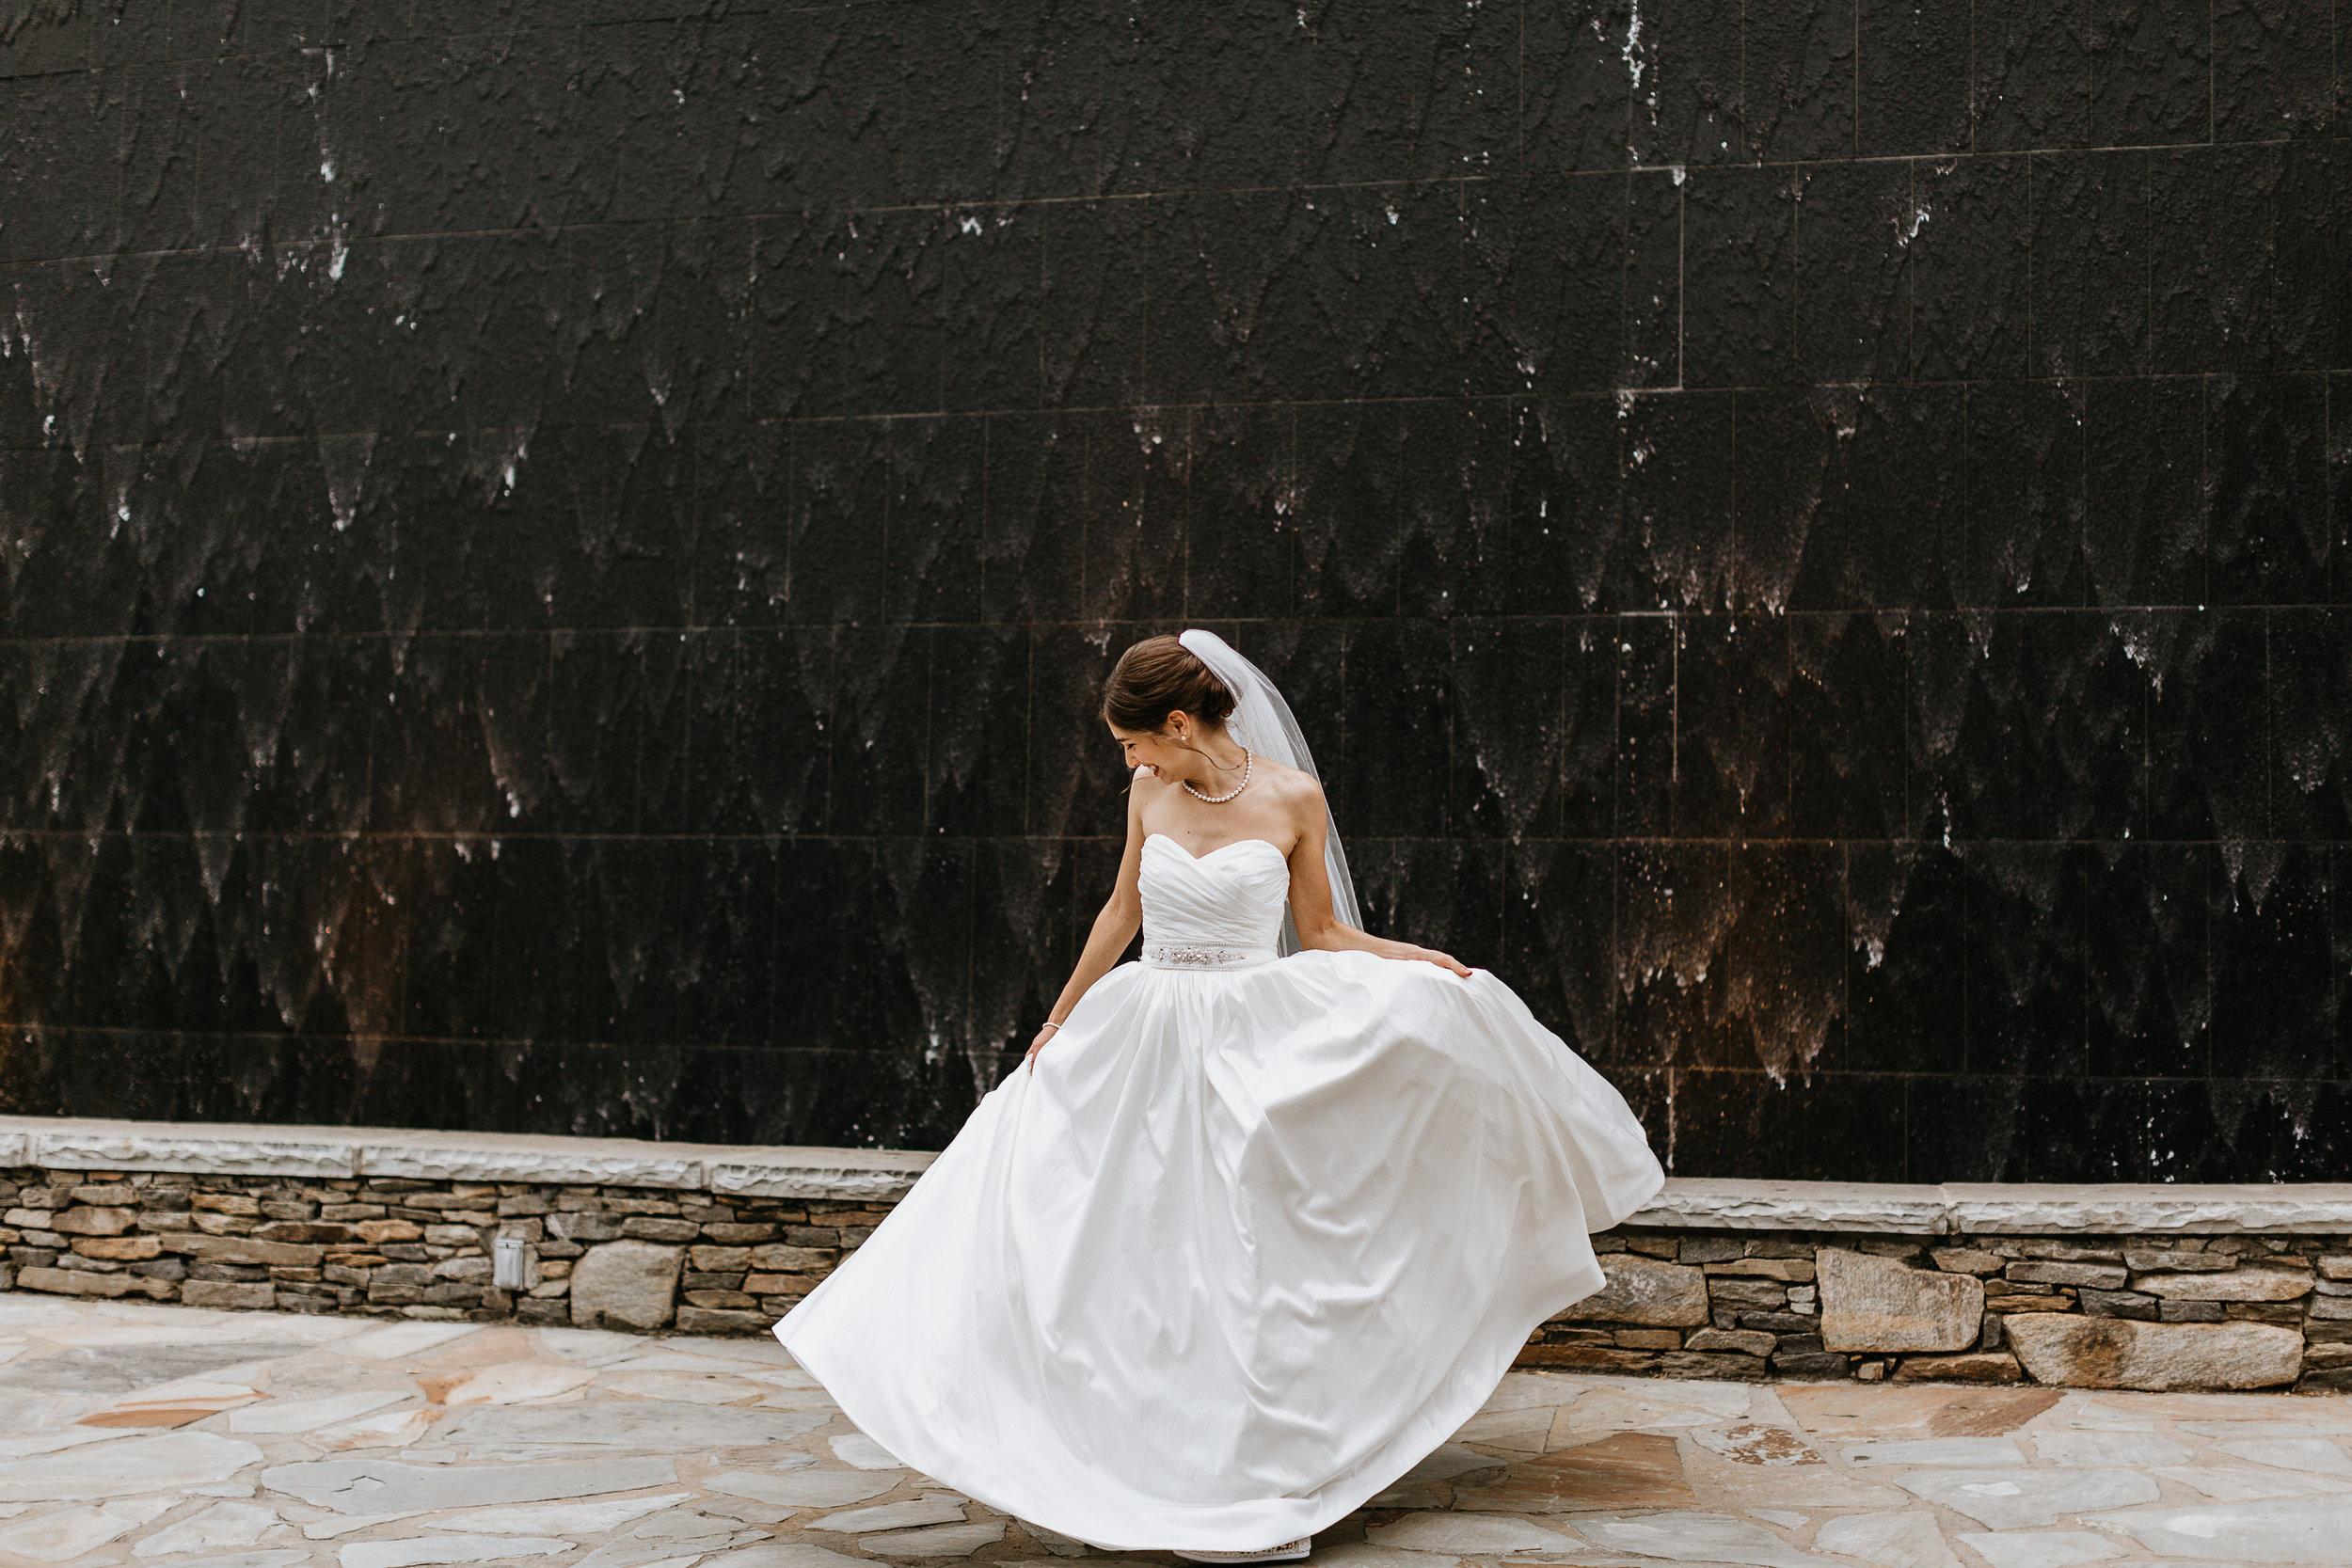 hanna bridals pt 1-hanna edited-0029.jpg